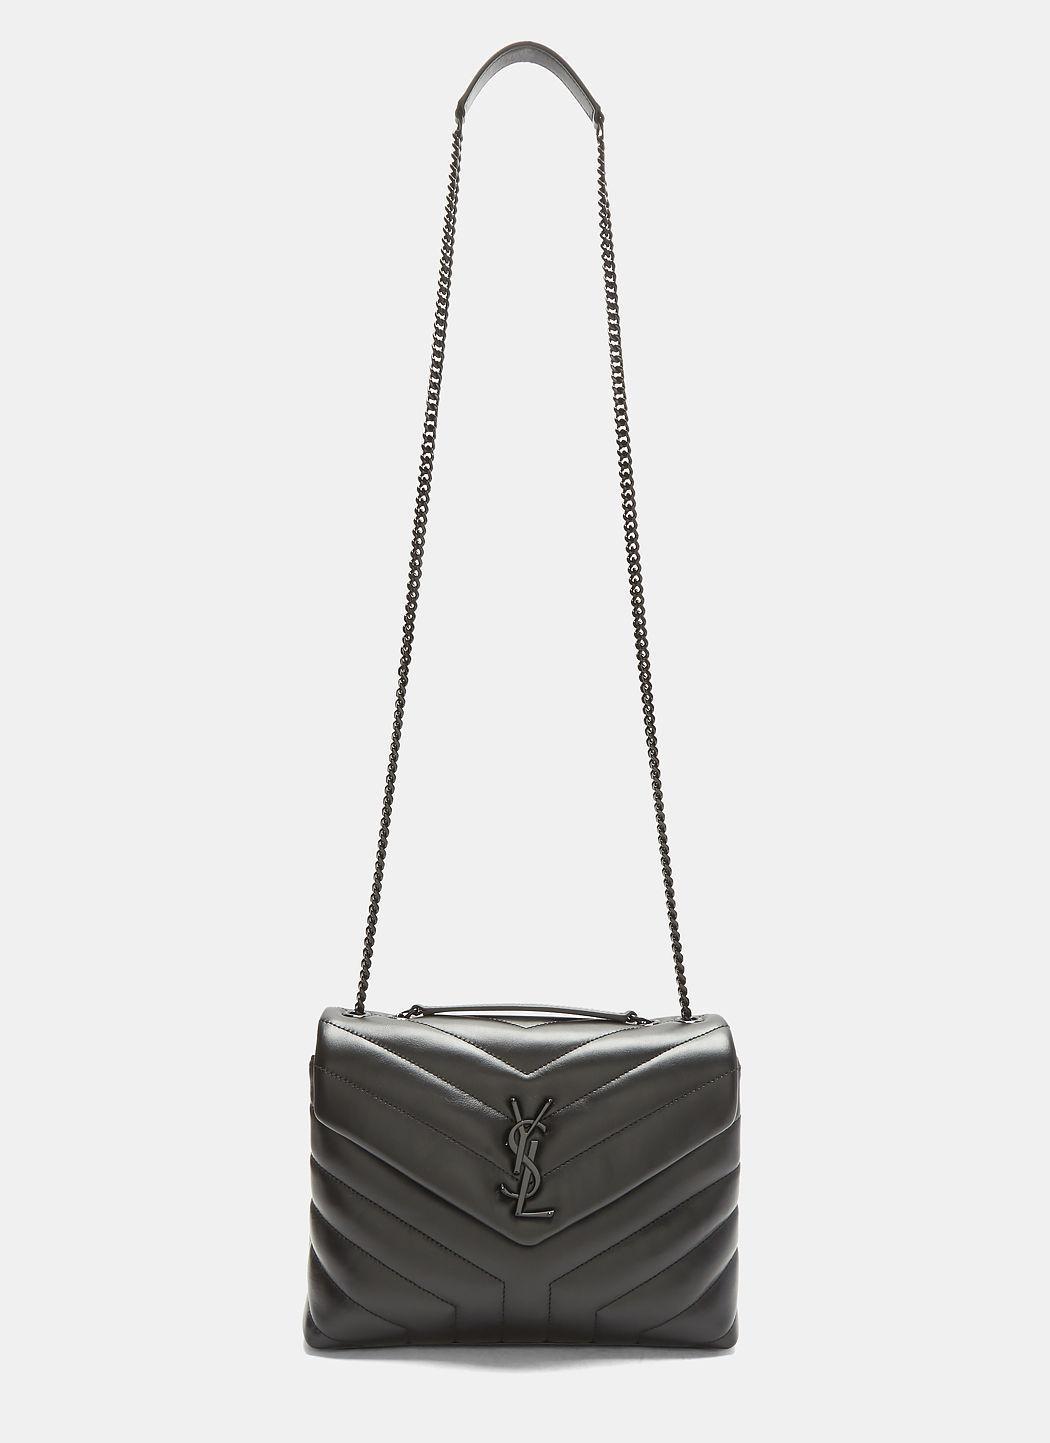 278a1843966587 Saint Laurent Small Loulou Monogram MatelassÉ Handbag In Black. SIZE & FIT  INFORMATION